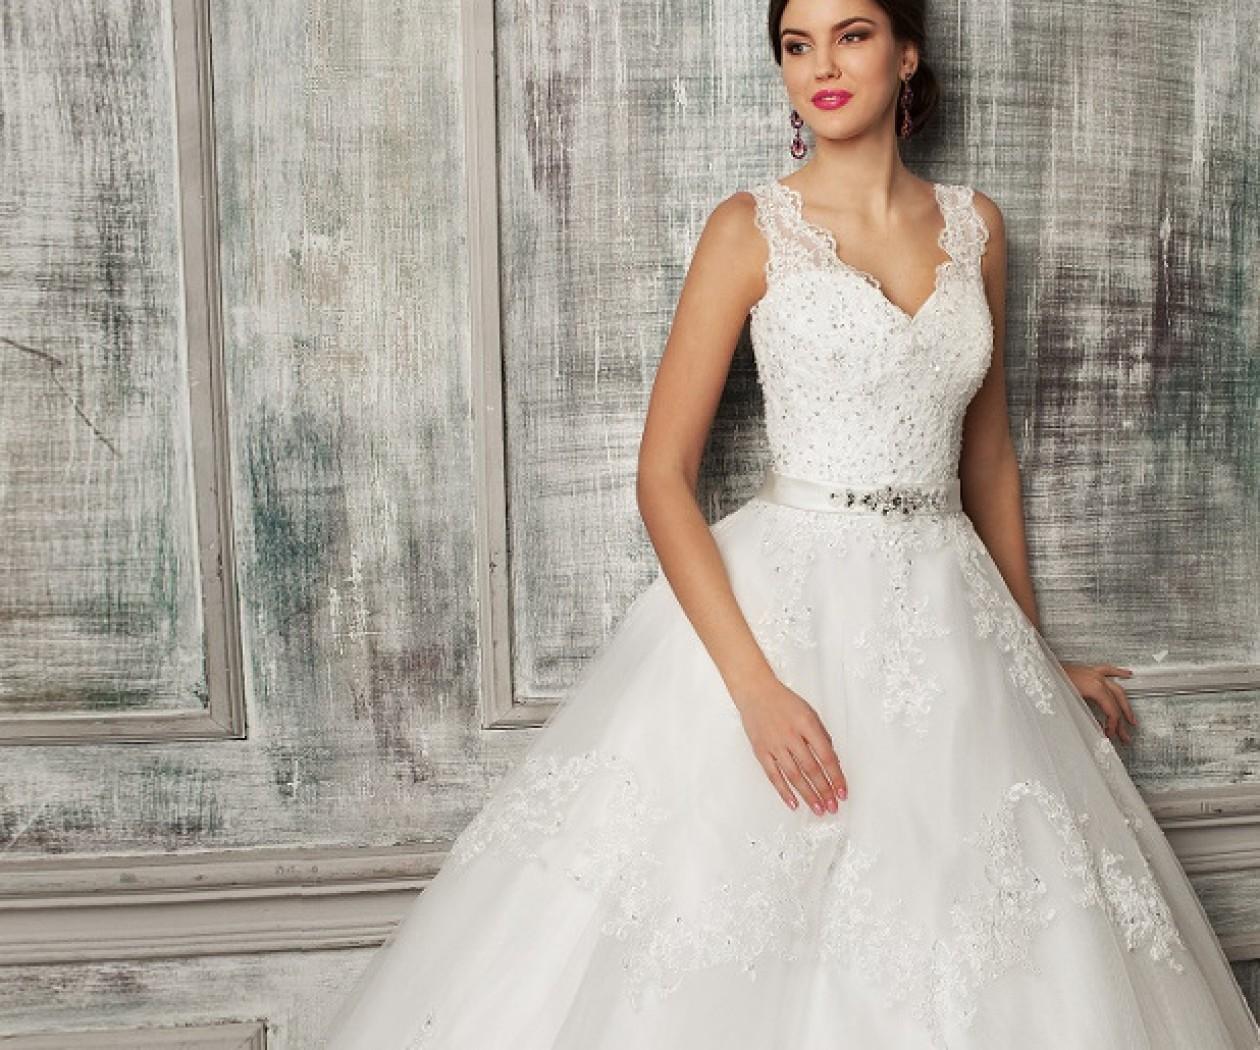 Элегантное пышное свадебное платье с кружевом и пайетками SALI BRIDAL